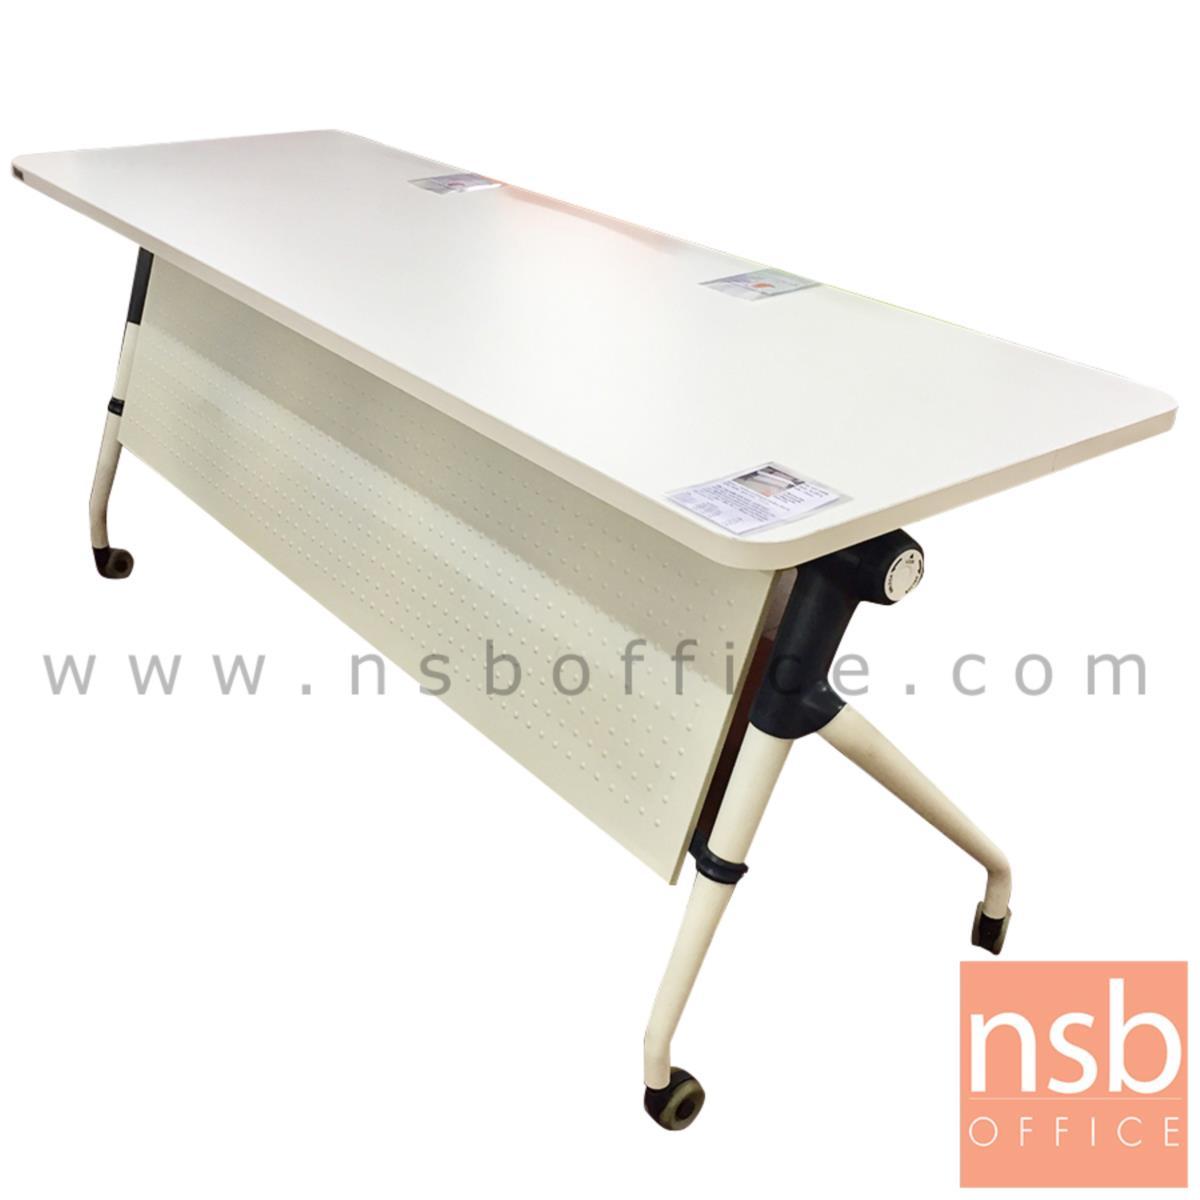 A07A056:โต๊ะประชุมพับเก็บได้ล้อเลื่อน รุ่น TY-860 ขนาด 160W ,180W*(60D, 80D) cm.  พร้อมบังโป๊และตะแกรงวางของ